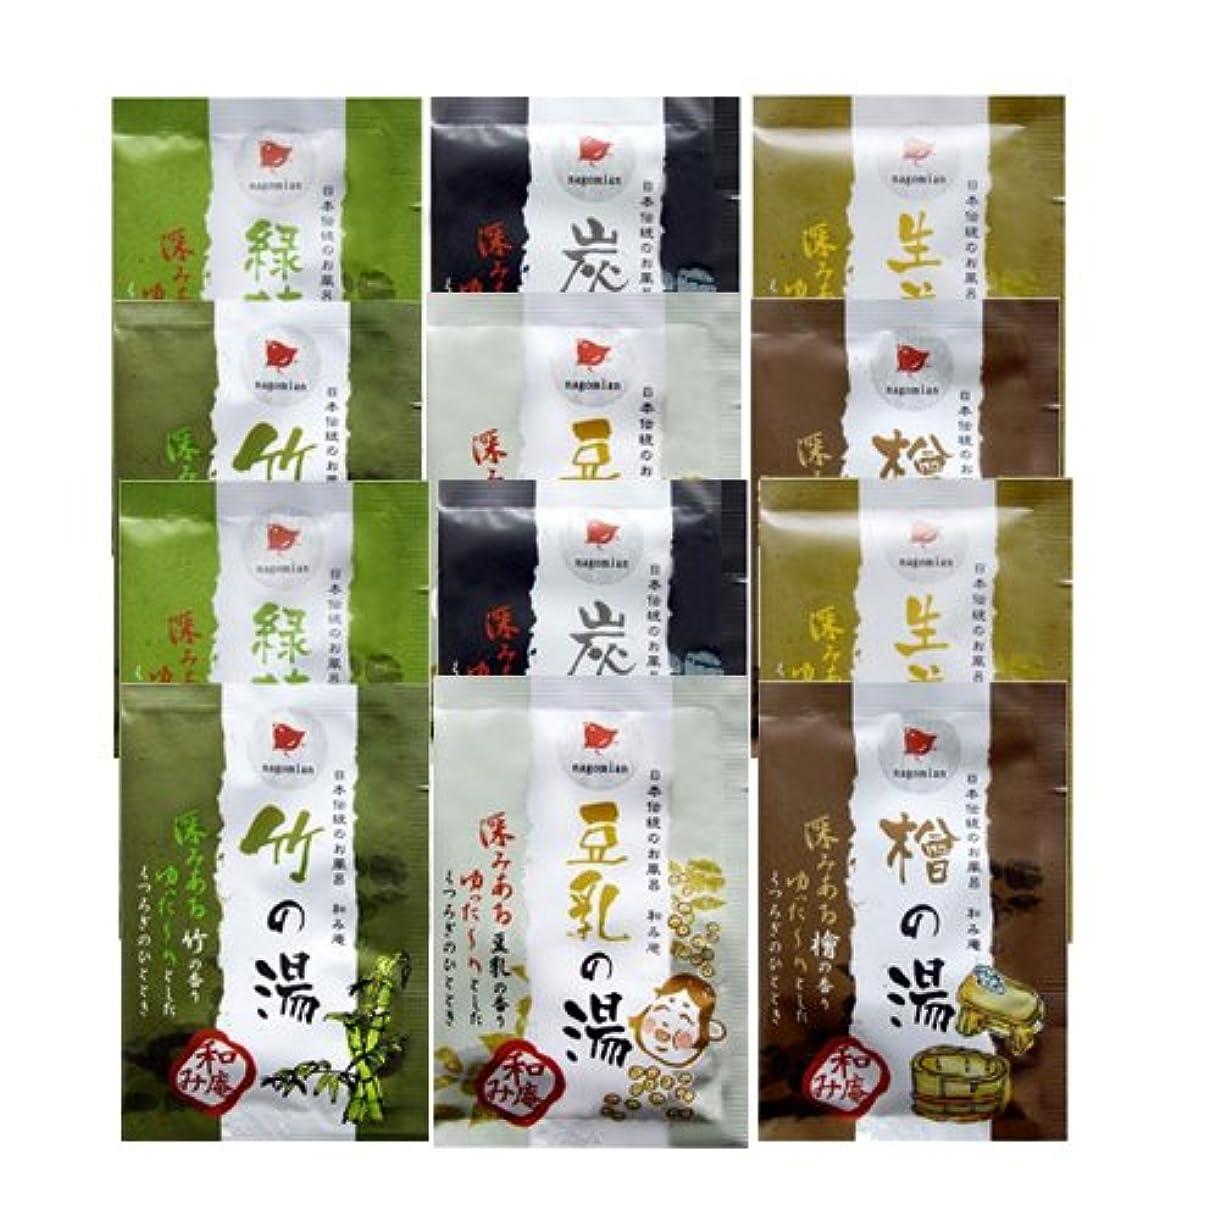 小切手戸惑う安全な日本伝統のお風呂 和み庵 6種類×2個セット(計12包)